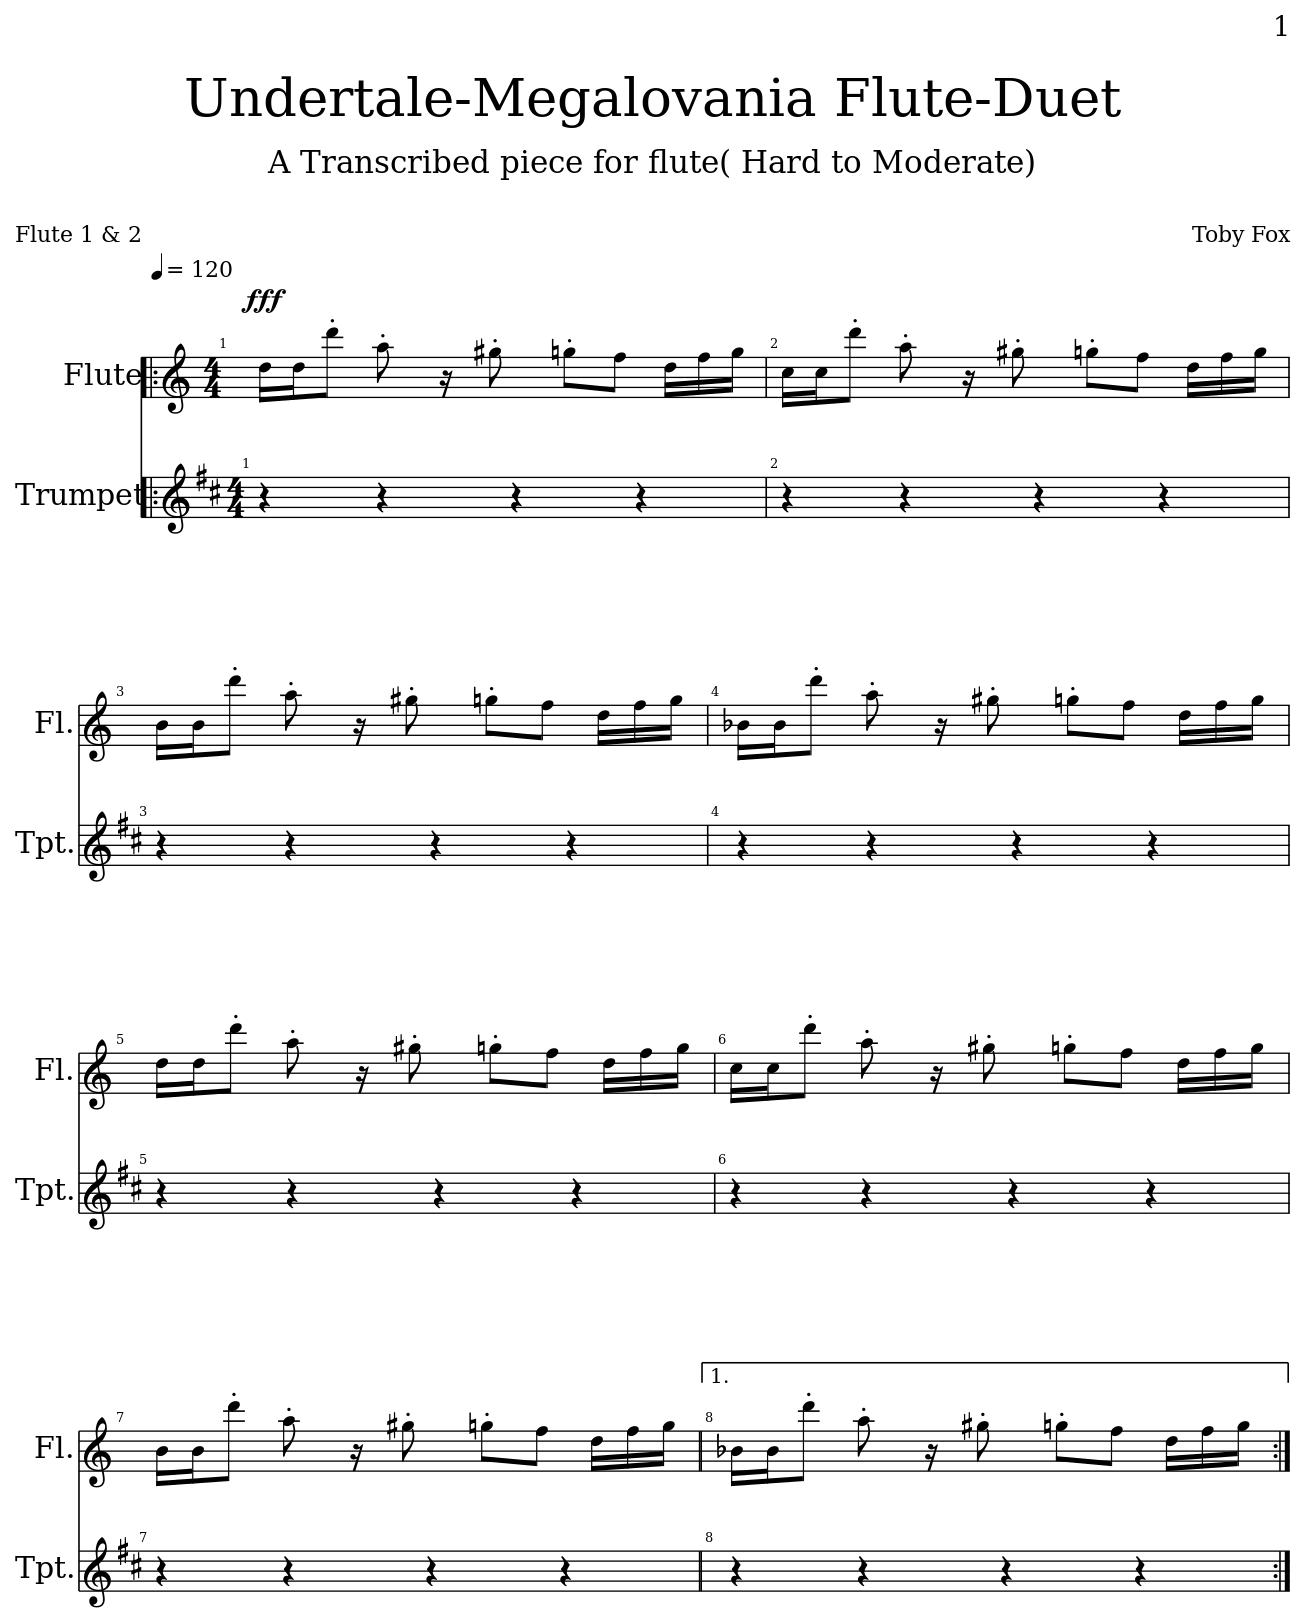 Undertale-Megalovania Flute-Duet, a music score by Phenx